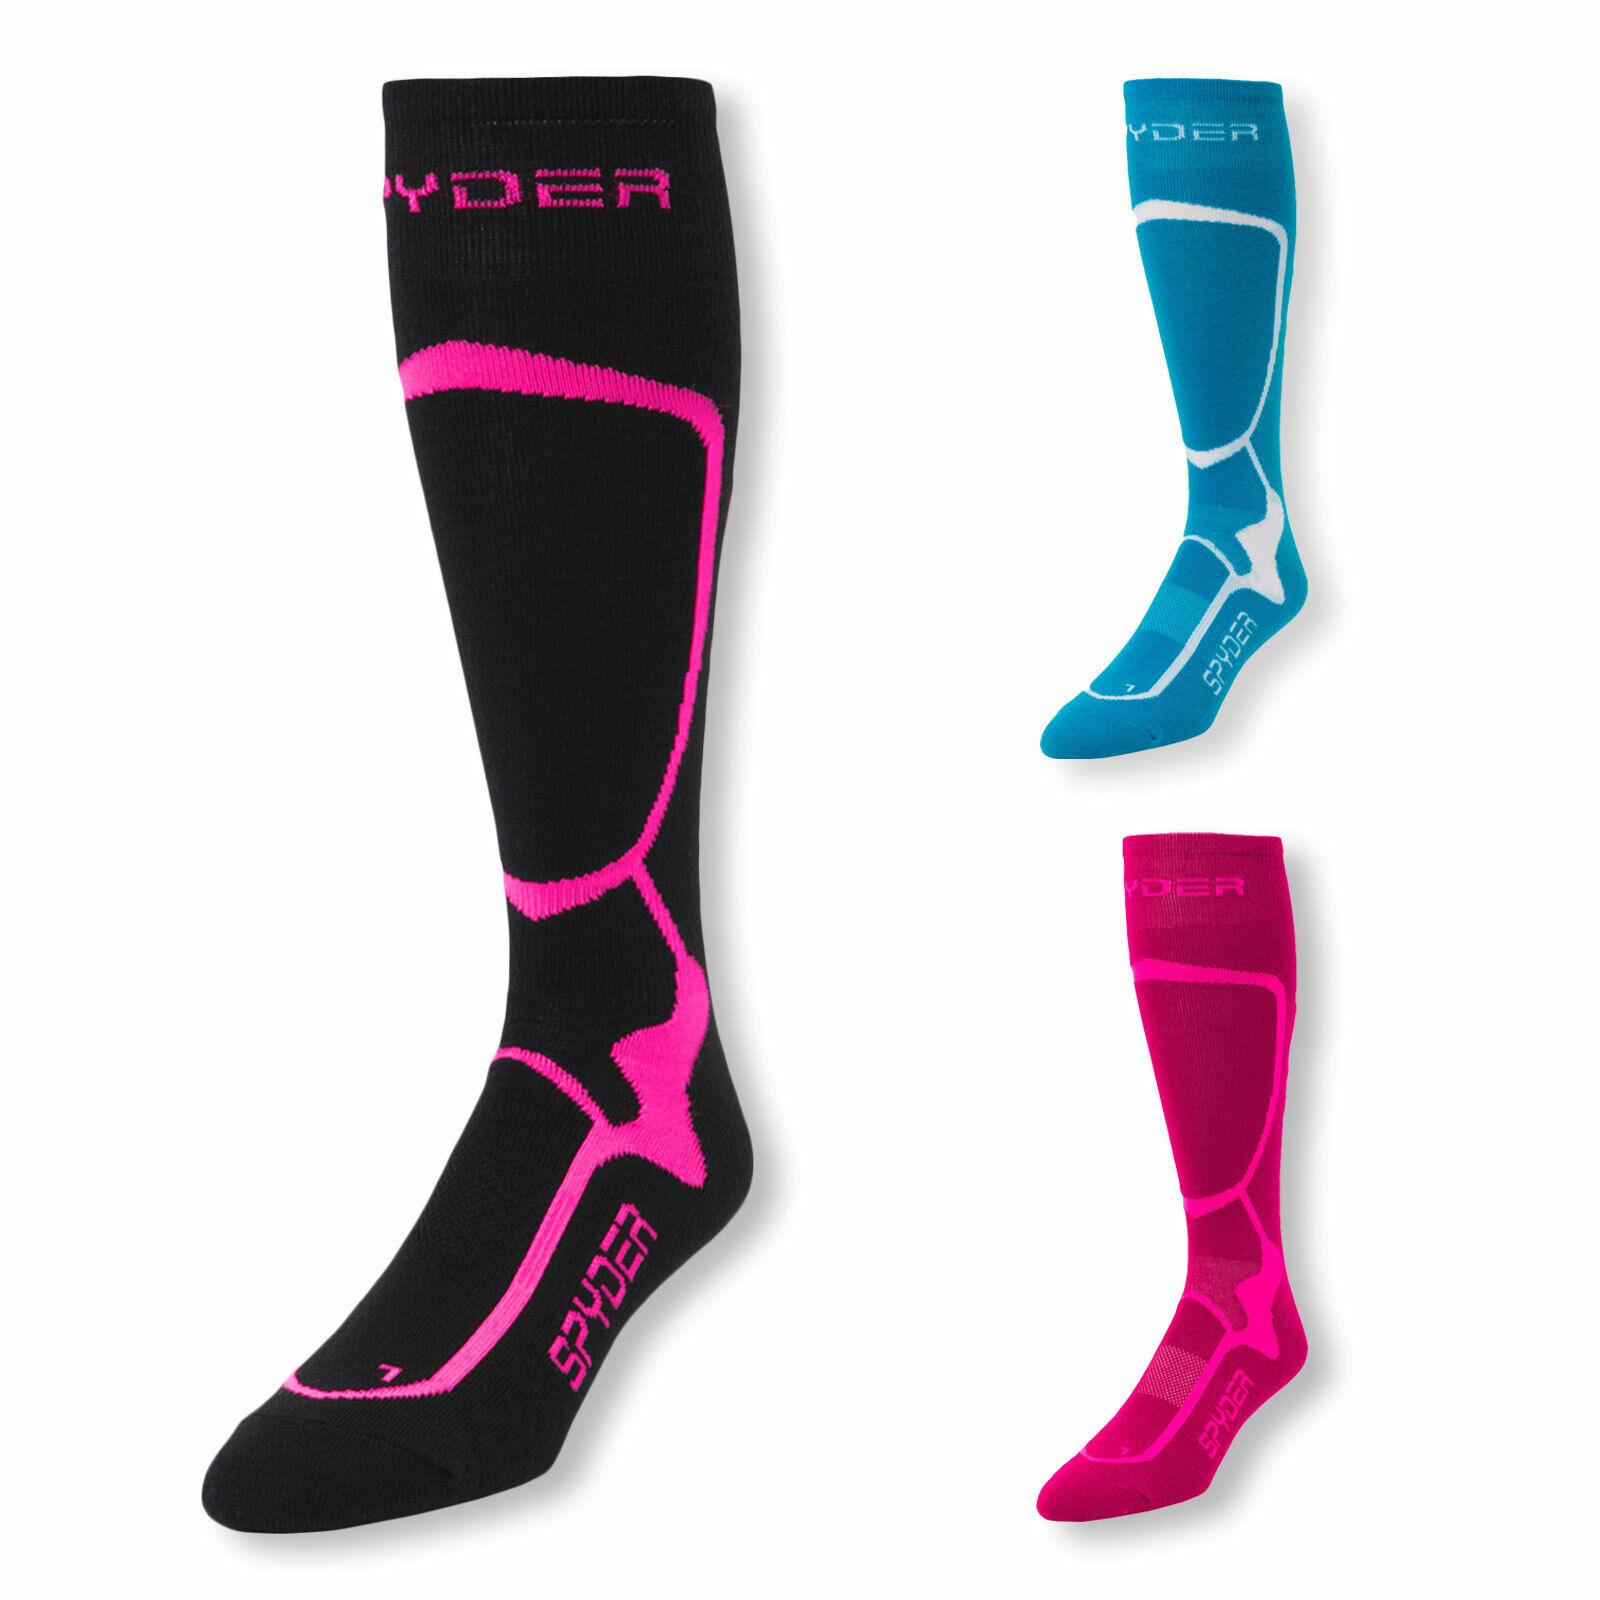 Spyder Damen Skisocken Skistrümpfe Sportsocken Pro Liner Socks Farbwahl